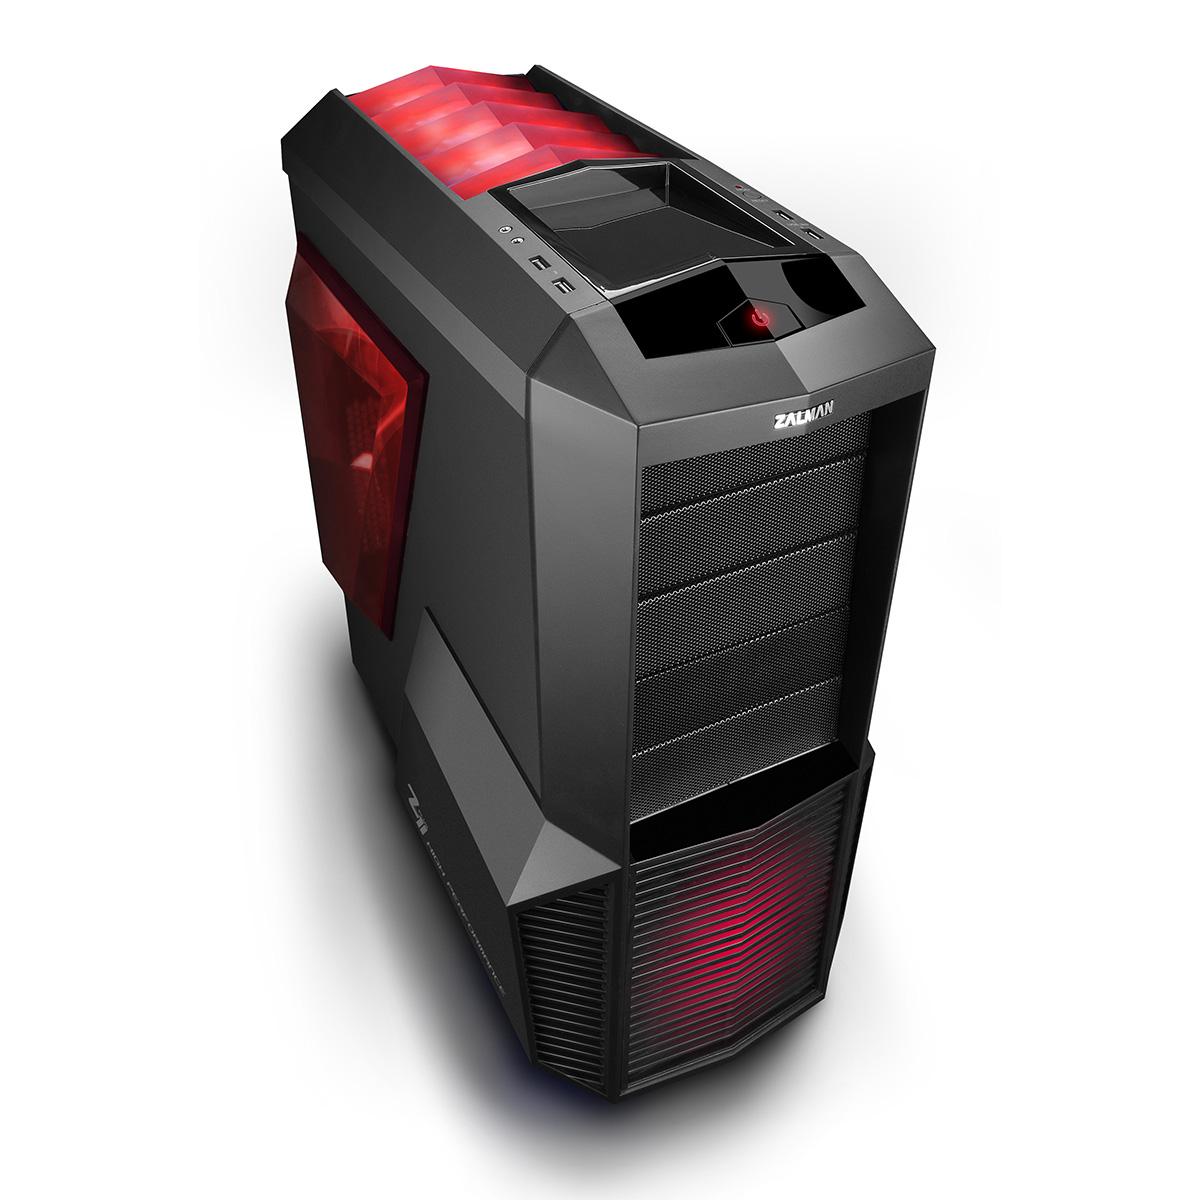 PC de bureau Intel Core i7 achat vente PC de bureau sur LDLC